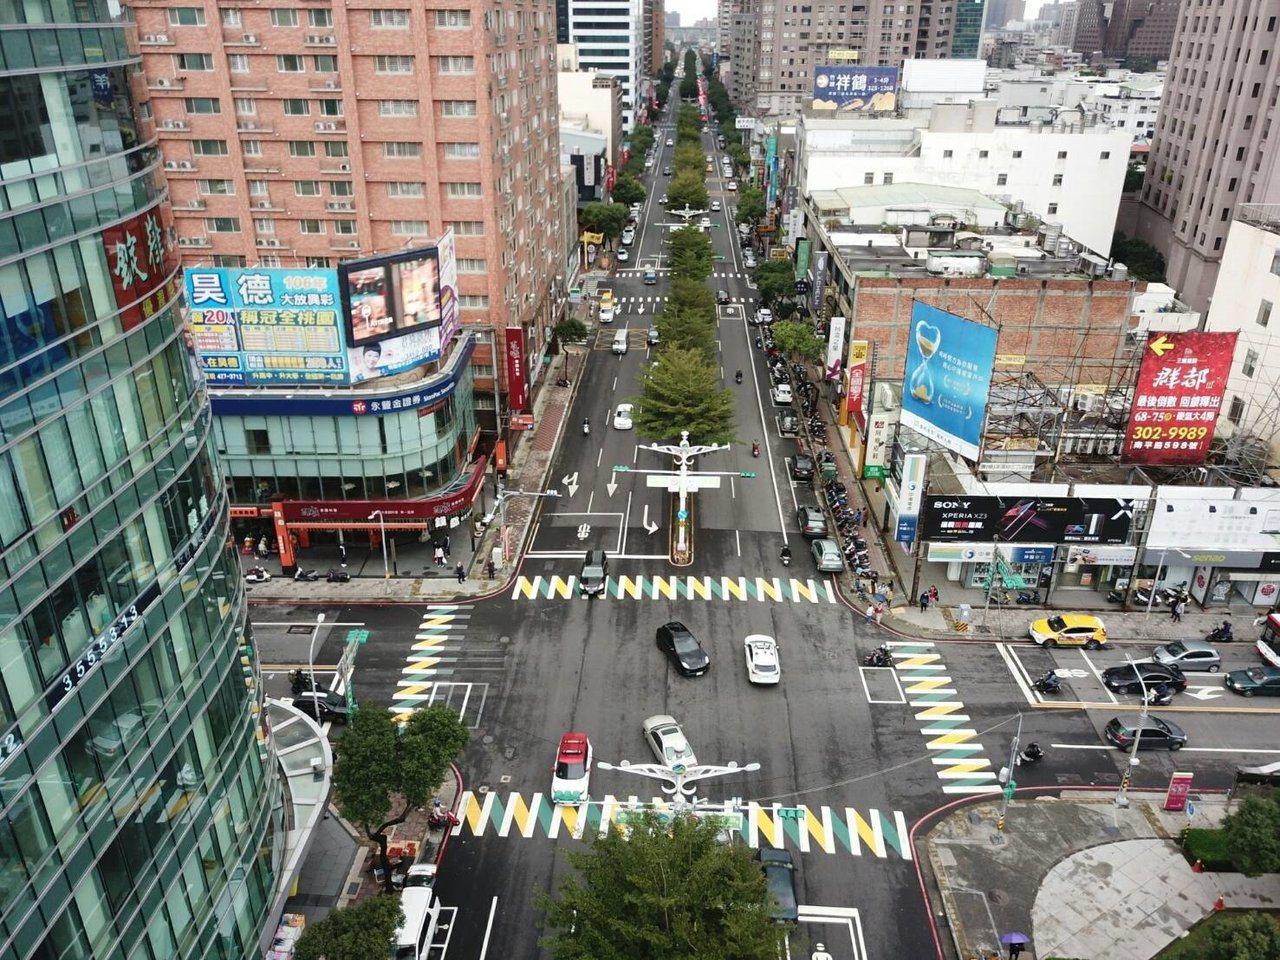 桃園市交通局在桃園藝文特區試辦彩色斑馬線。圖/桃市府交通局提供